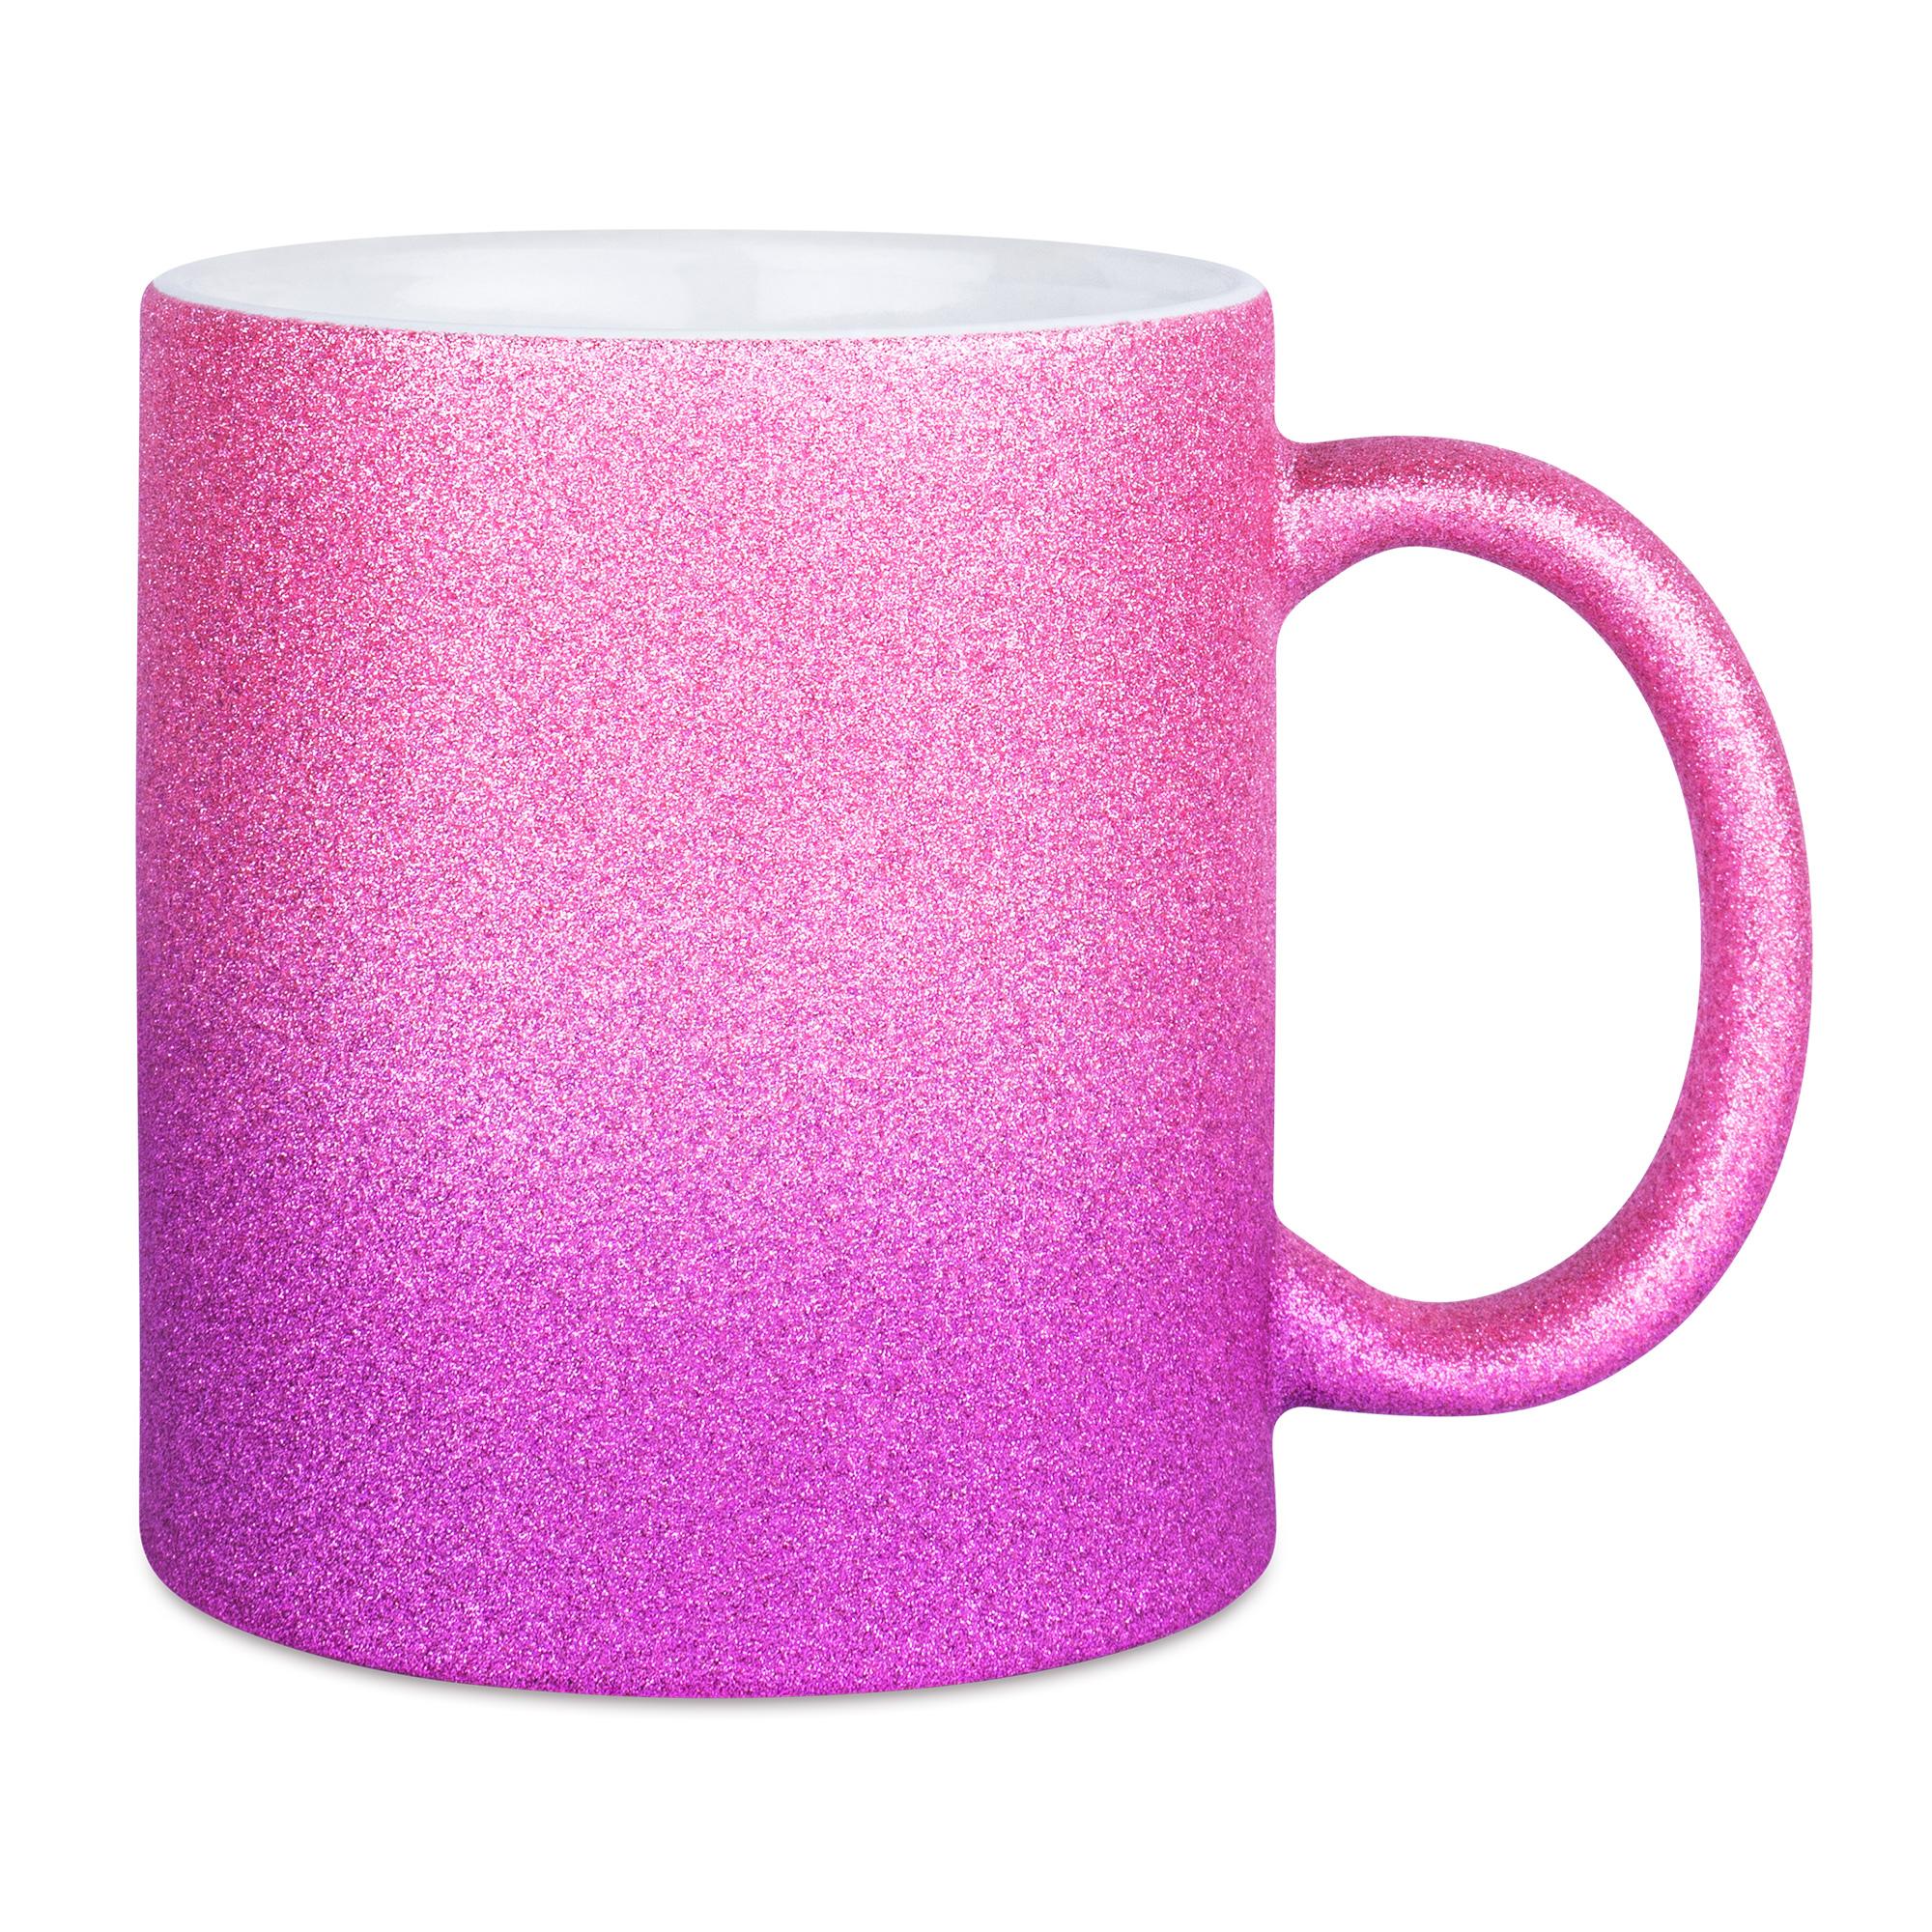 Sparkle Gradient mugg, PinkPurple